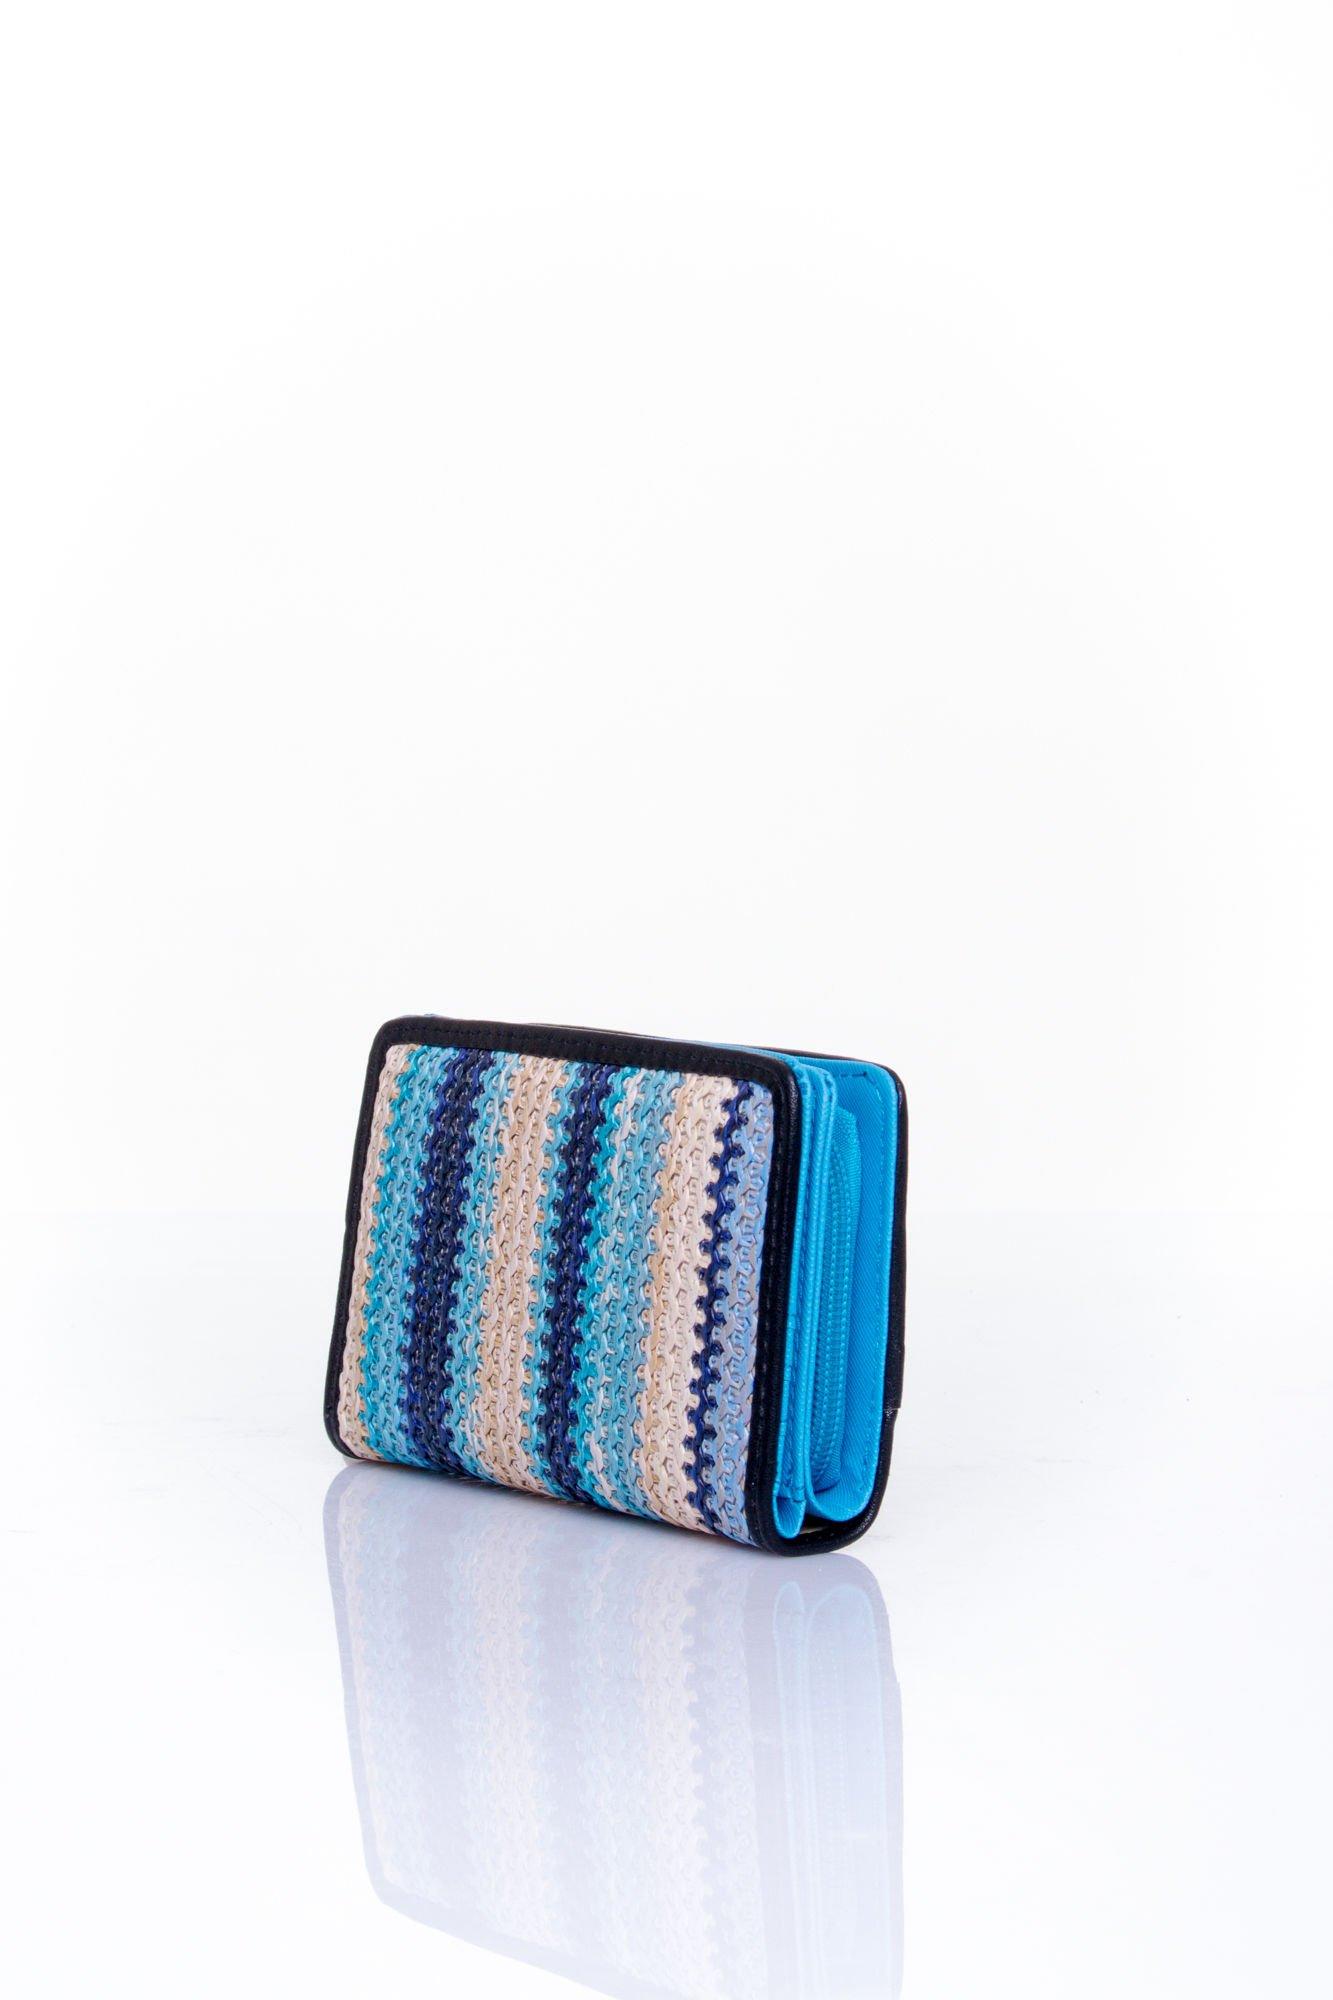 Niebieski portfel z granatowym plecionkowym wykończeniem                                  zdj.                                  2